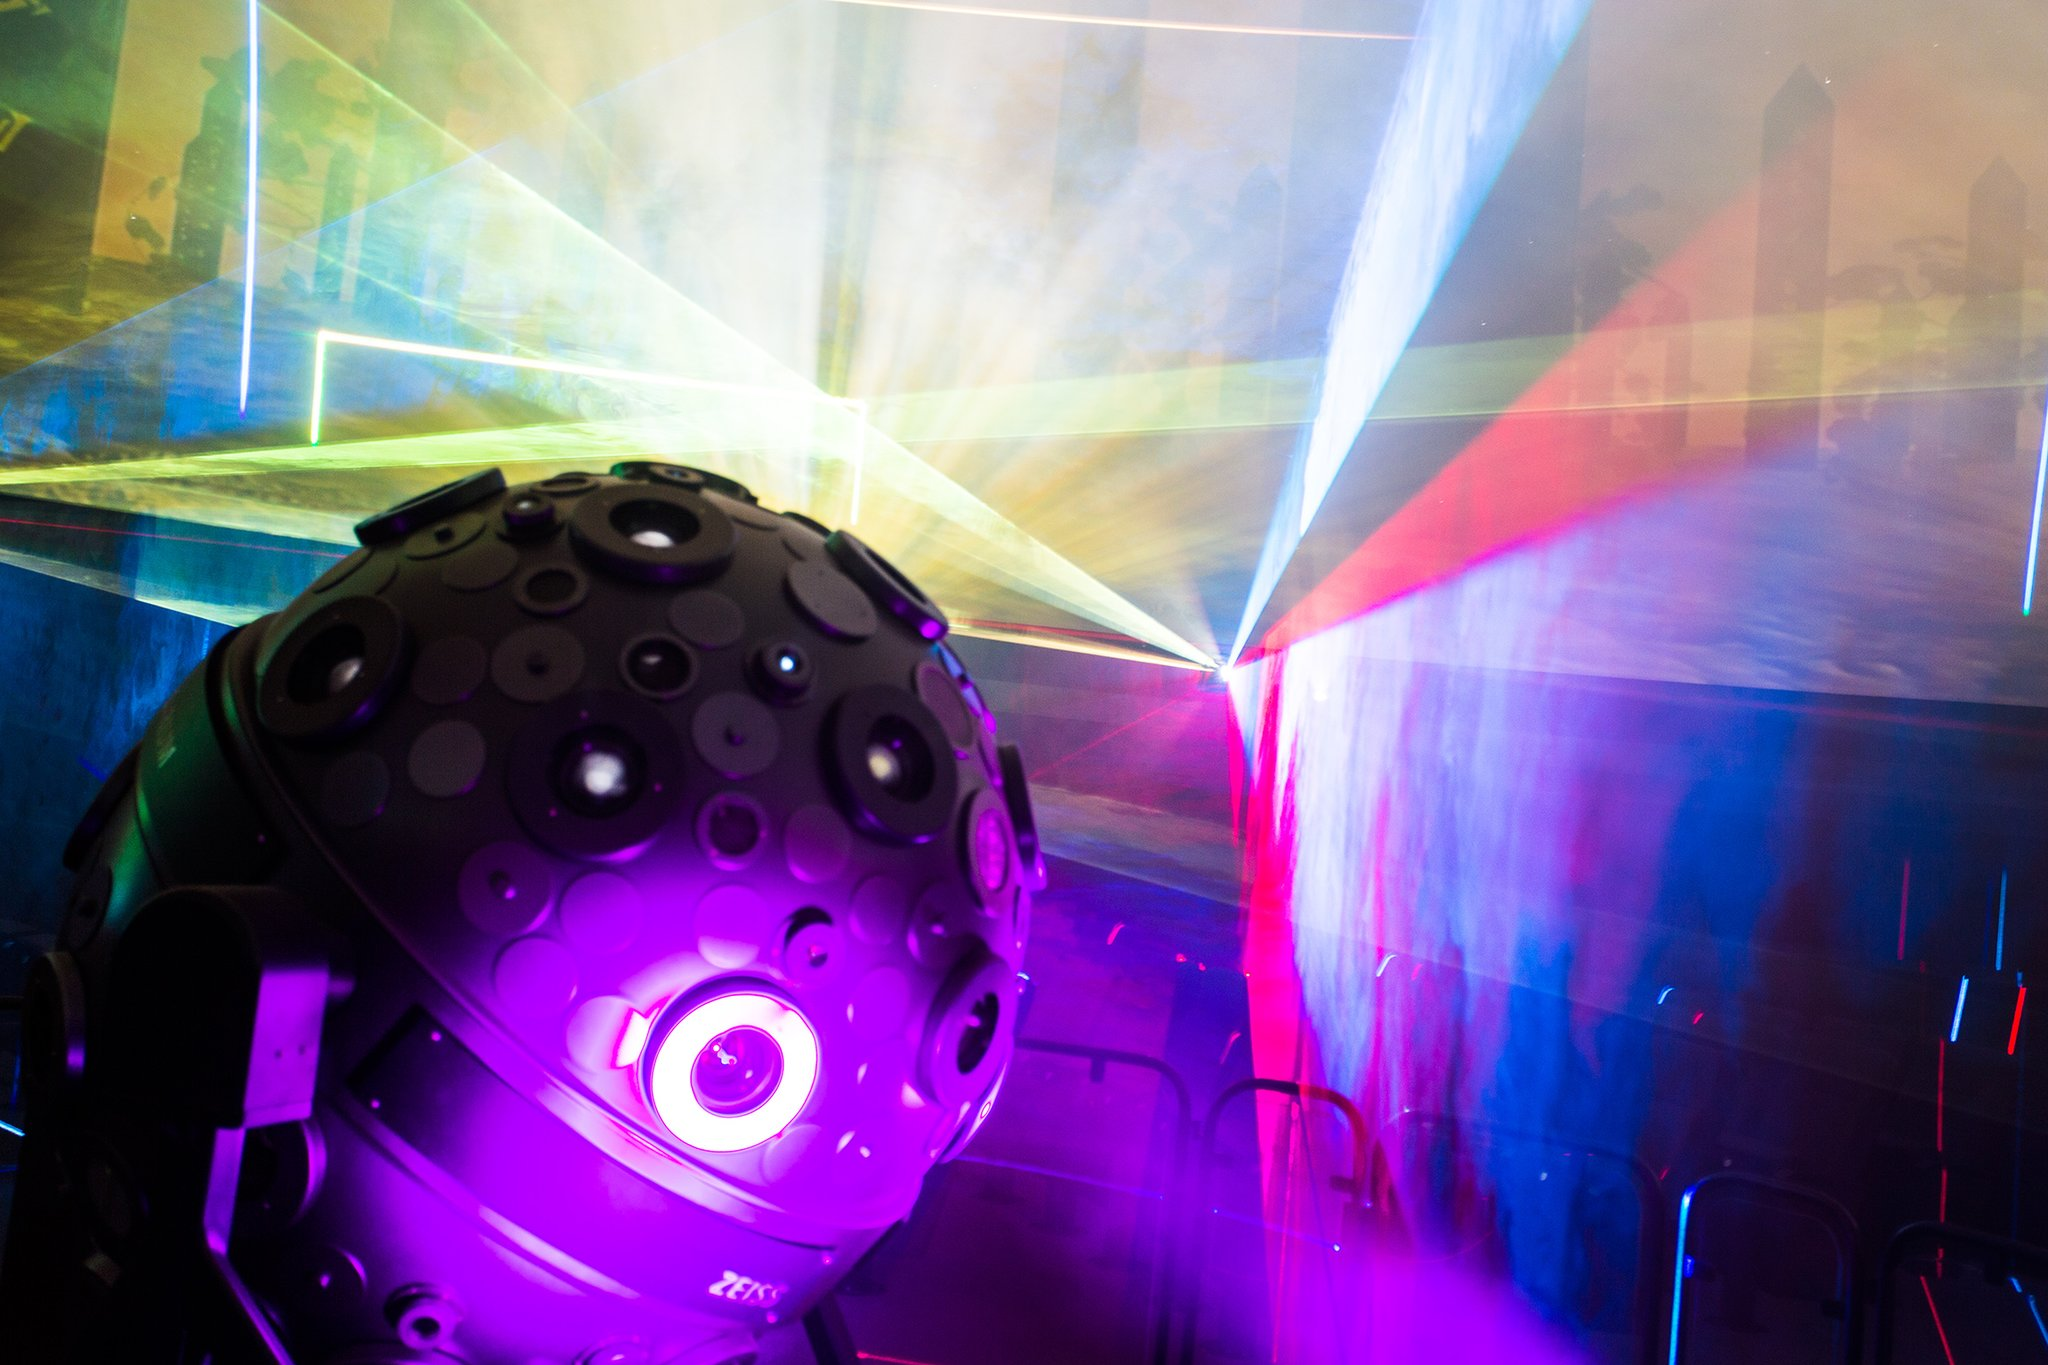 Die dunkle Seite des Mondes: Neue Laser-Show mit Musik von